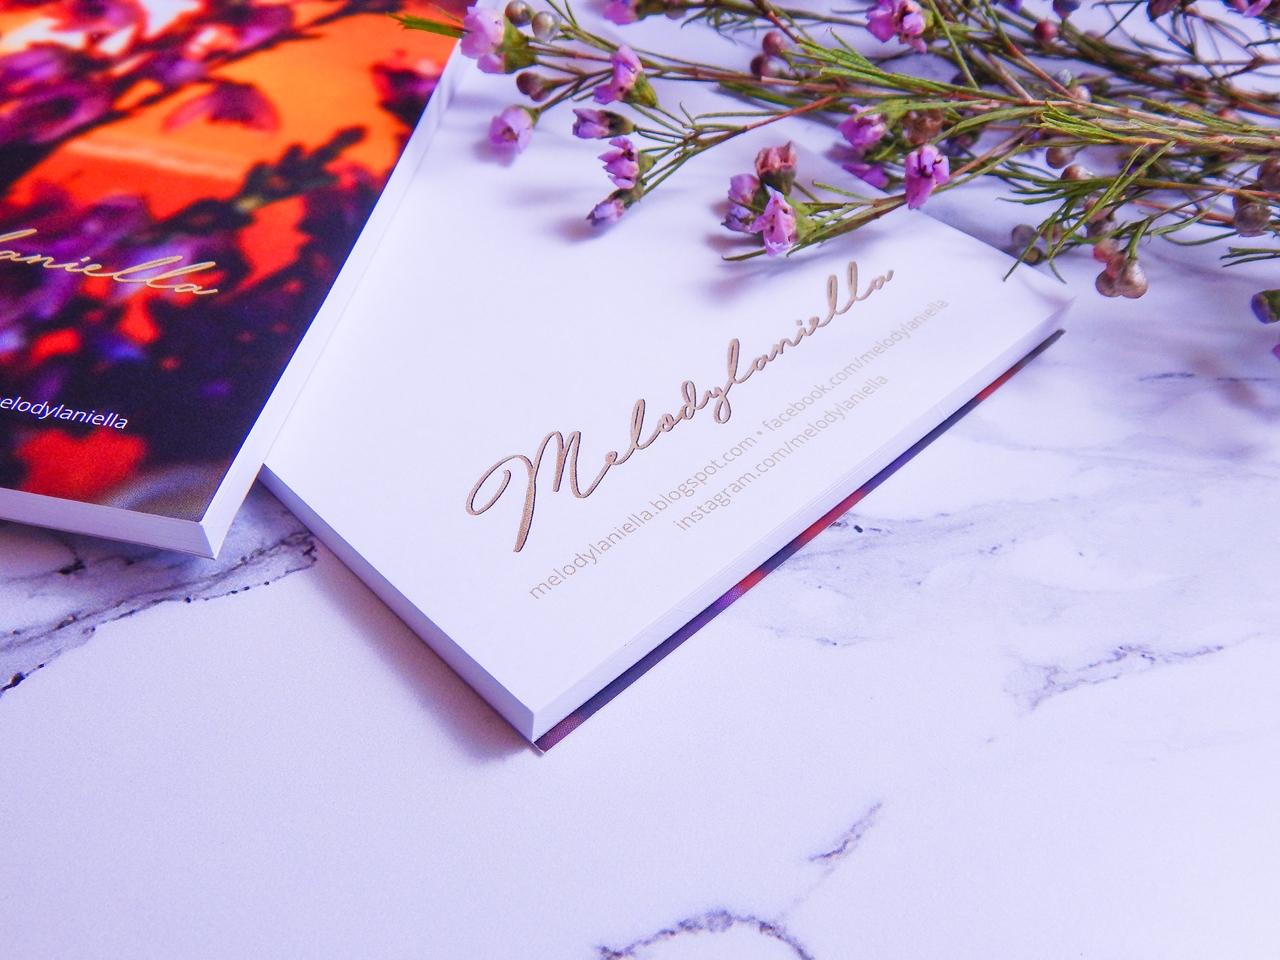 10 colour.me colourme colour me wizytówki druk wizytówek notesów kompleksowa obsługa firm gdzie wydrukować wizytówki zaproszenia kartki świąteczne melodylaniella recenzja